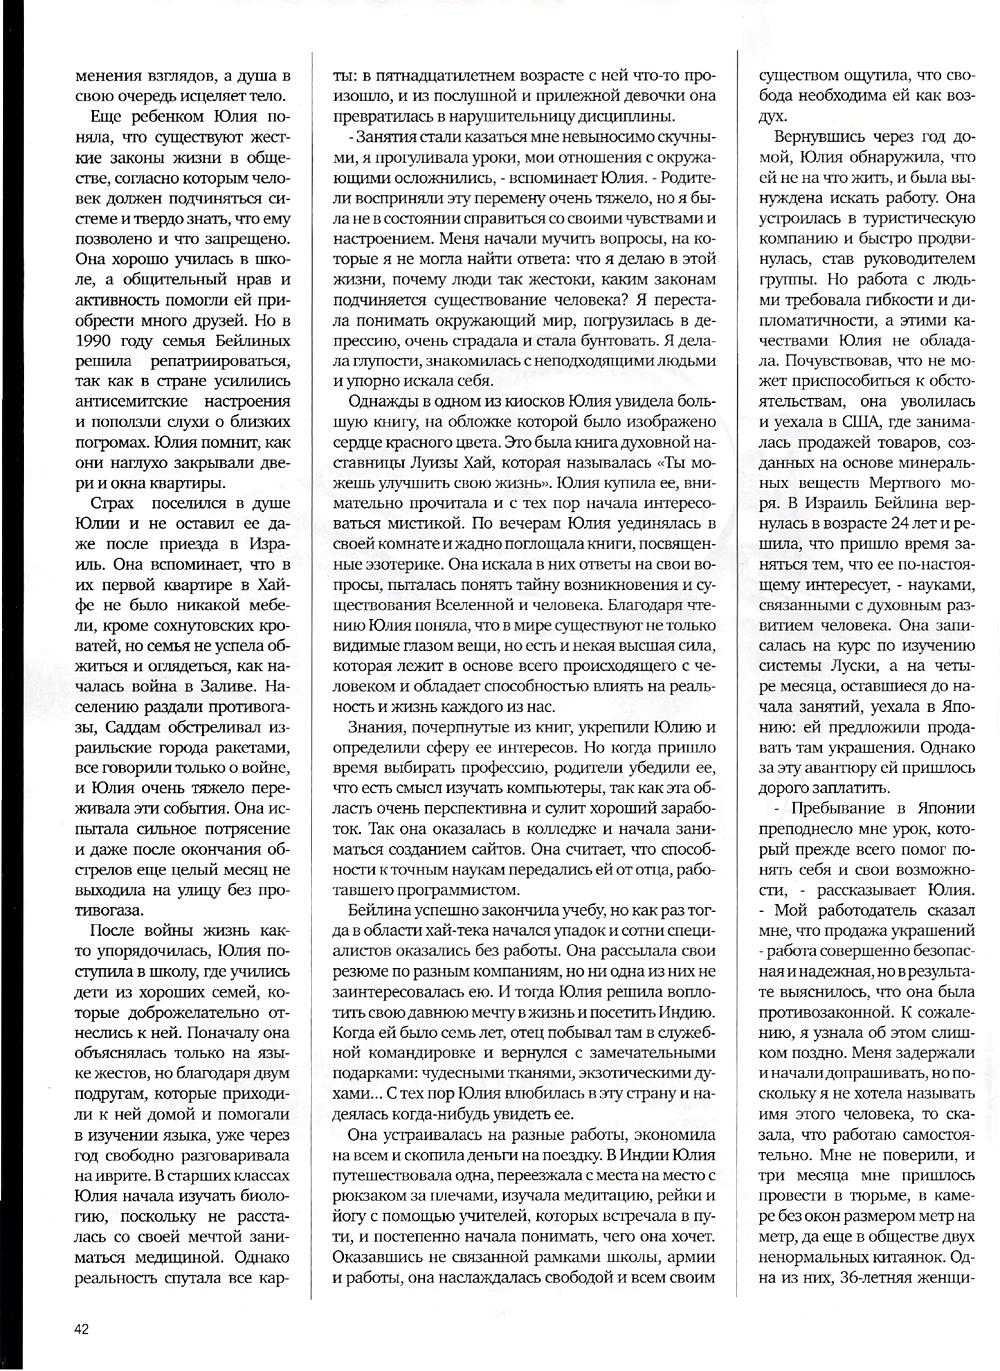 כתבה על יולי ביילין במגזין שארם ברוסית